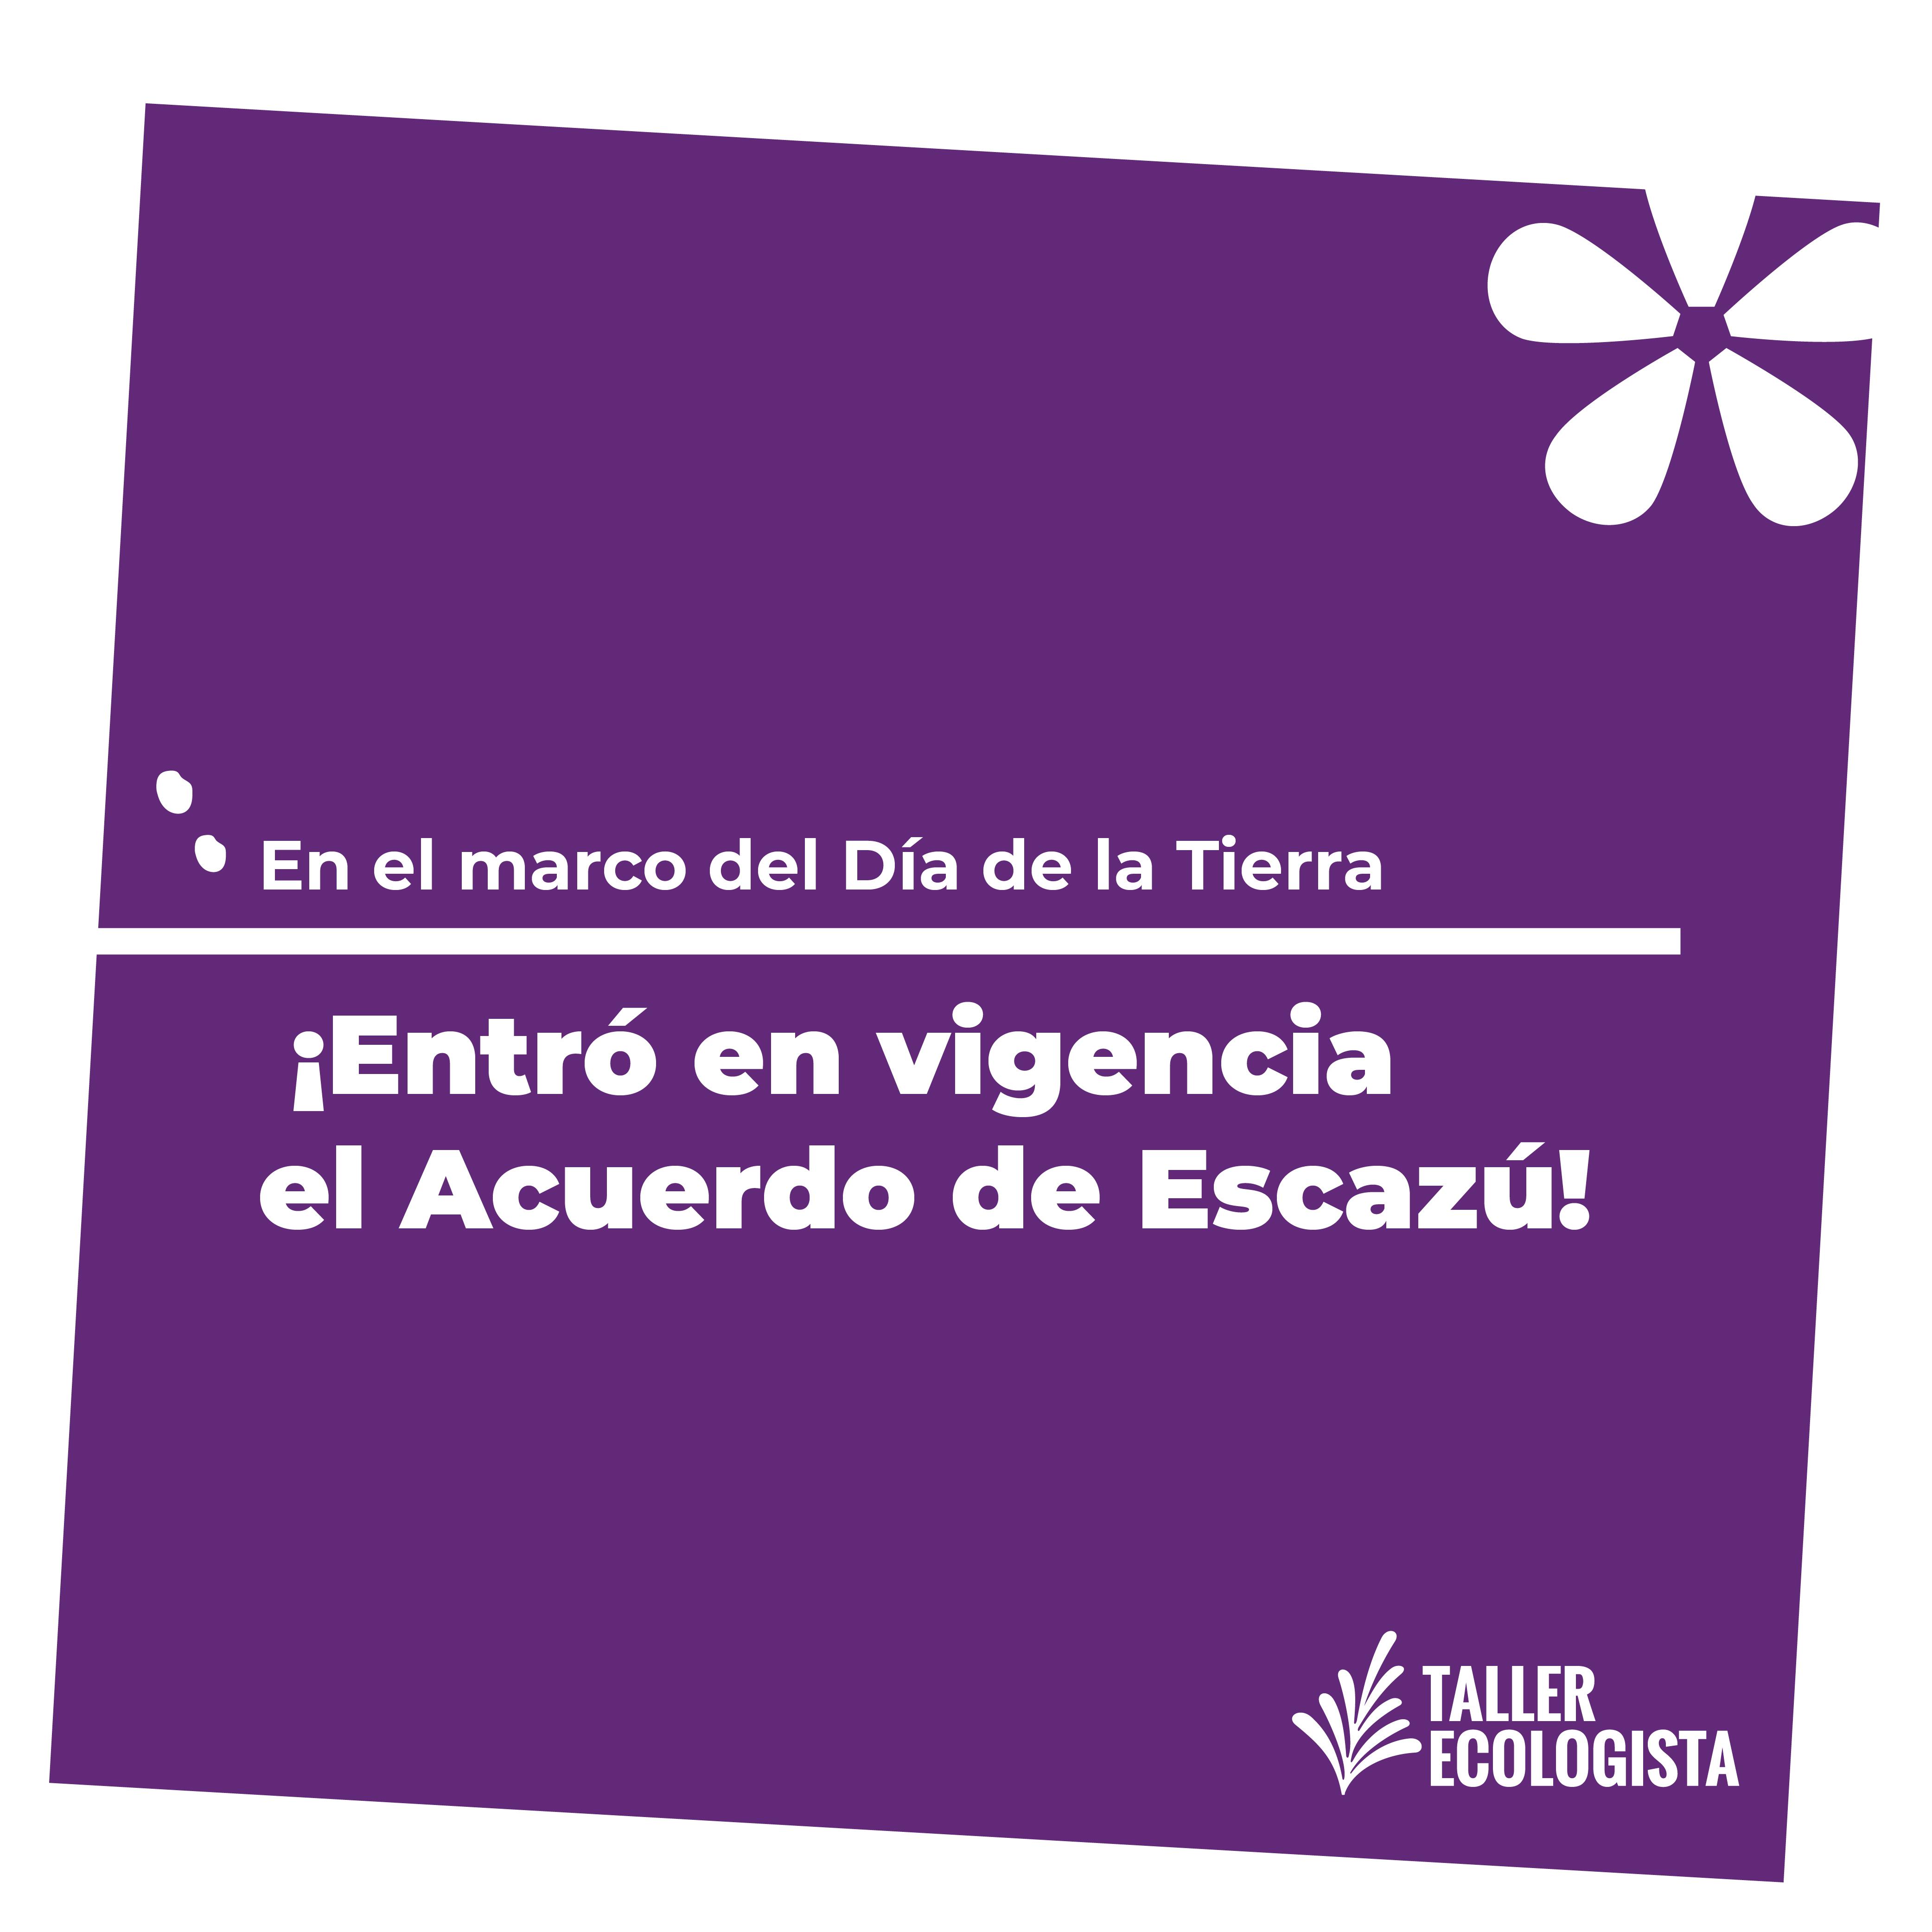 Celebramos la entrada en vigencia del Acuerdo de Escazú